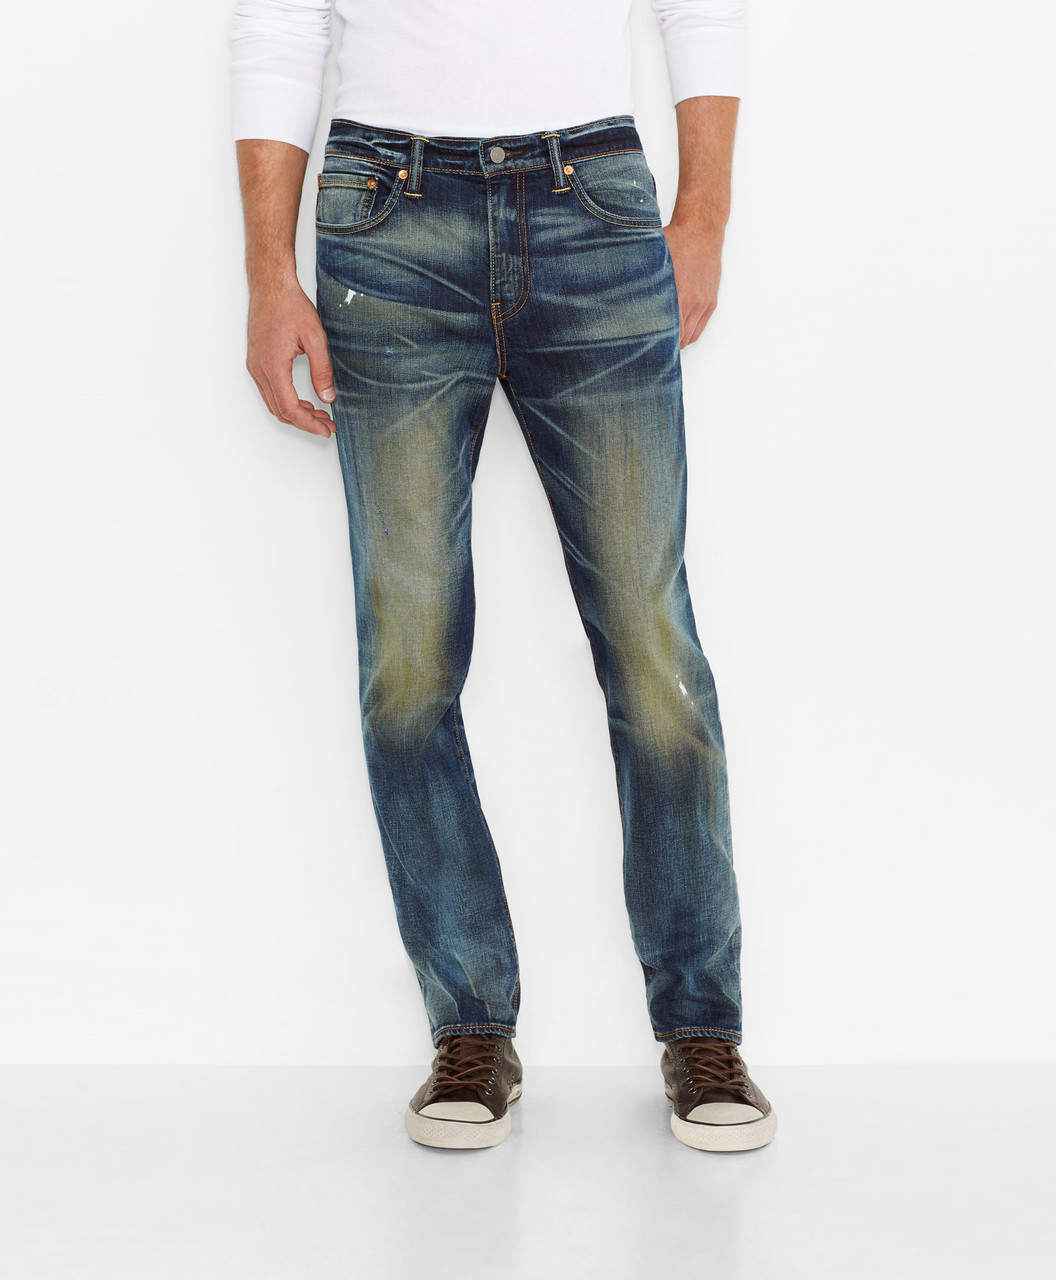 ab8149ea099 Мужские джинсы Levis 511™ Slim Fit Jeans (Wood Acre) - купить по ...